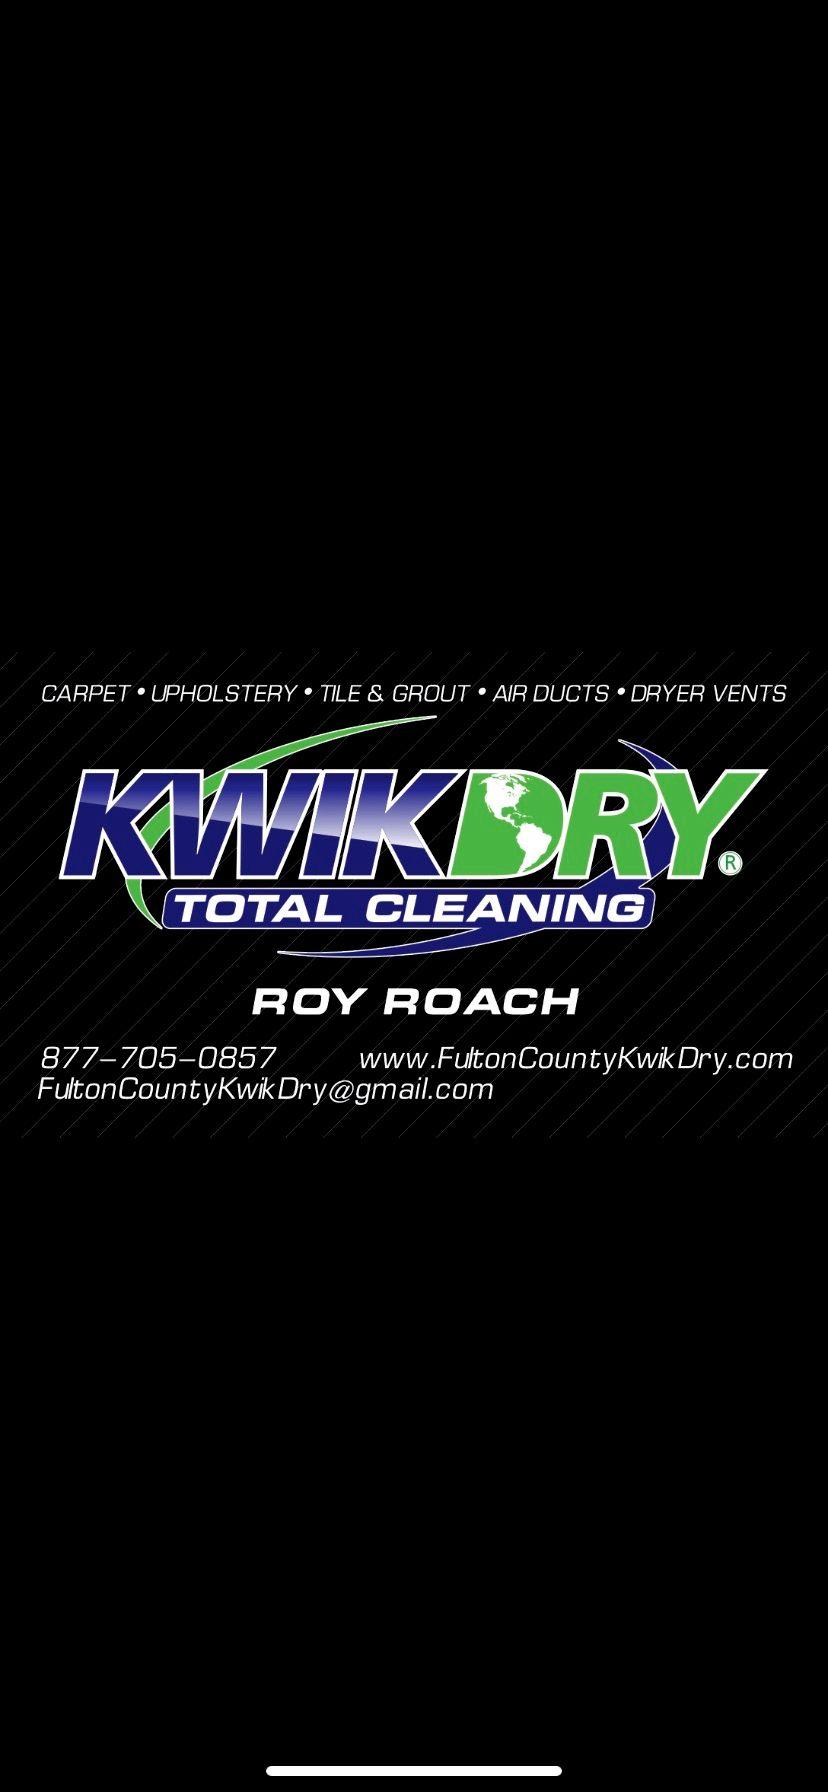 Fulton County KwiK Dry